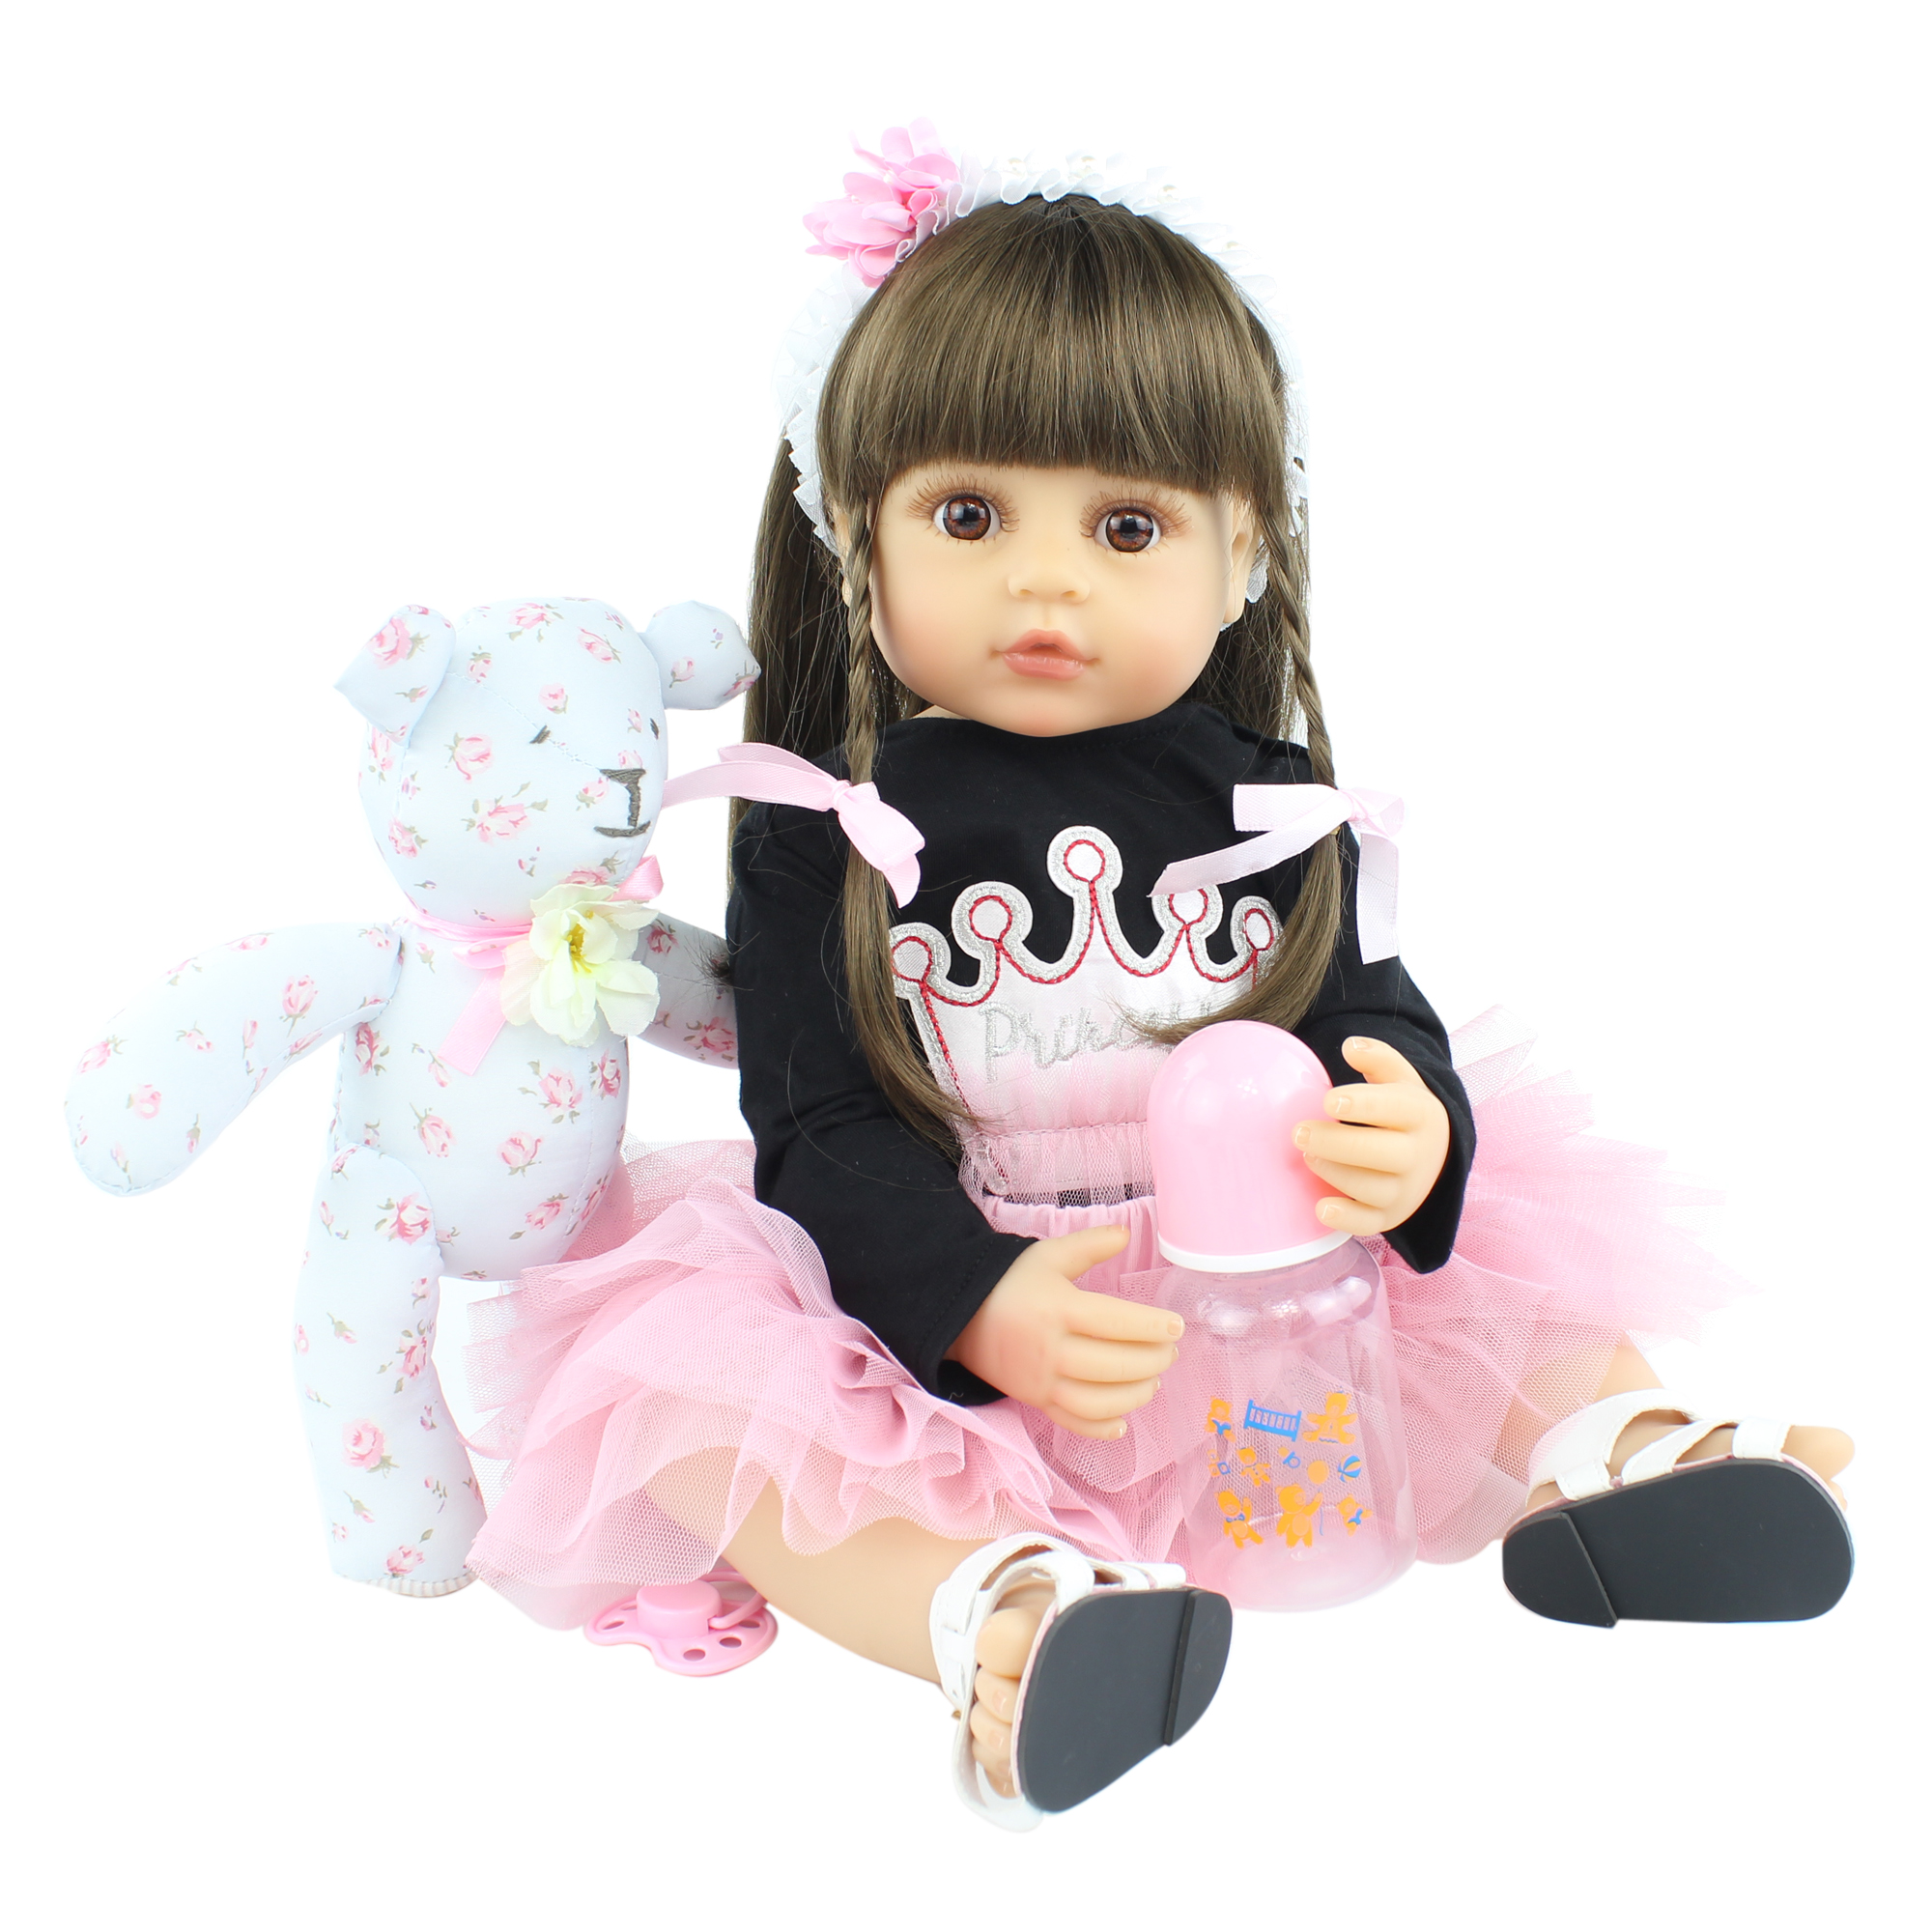 55cm silicone cheio reborn bebê boneca para menina vinil longo cabelo princesa criança criança criança presente de aniversário jogar casa vestir-se brinquedo banho